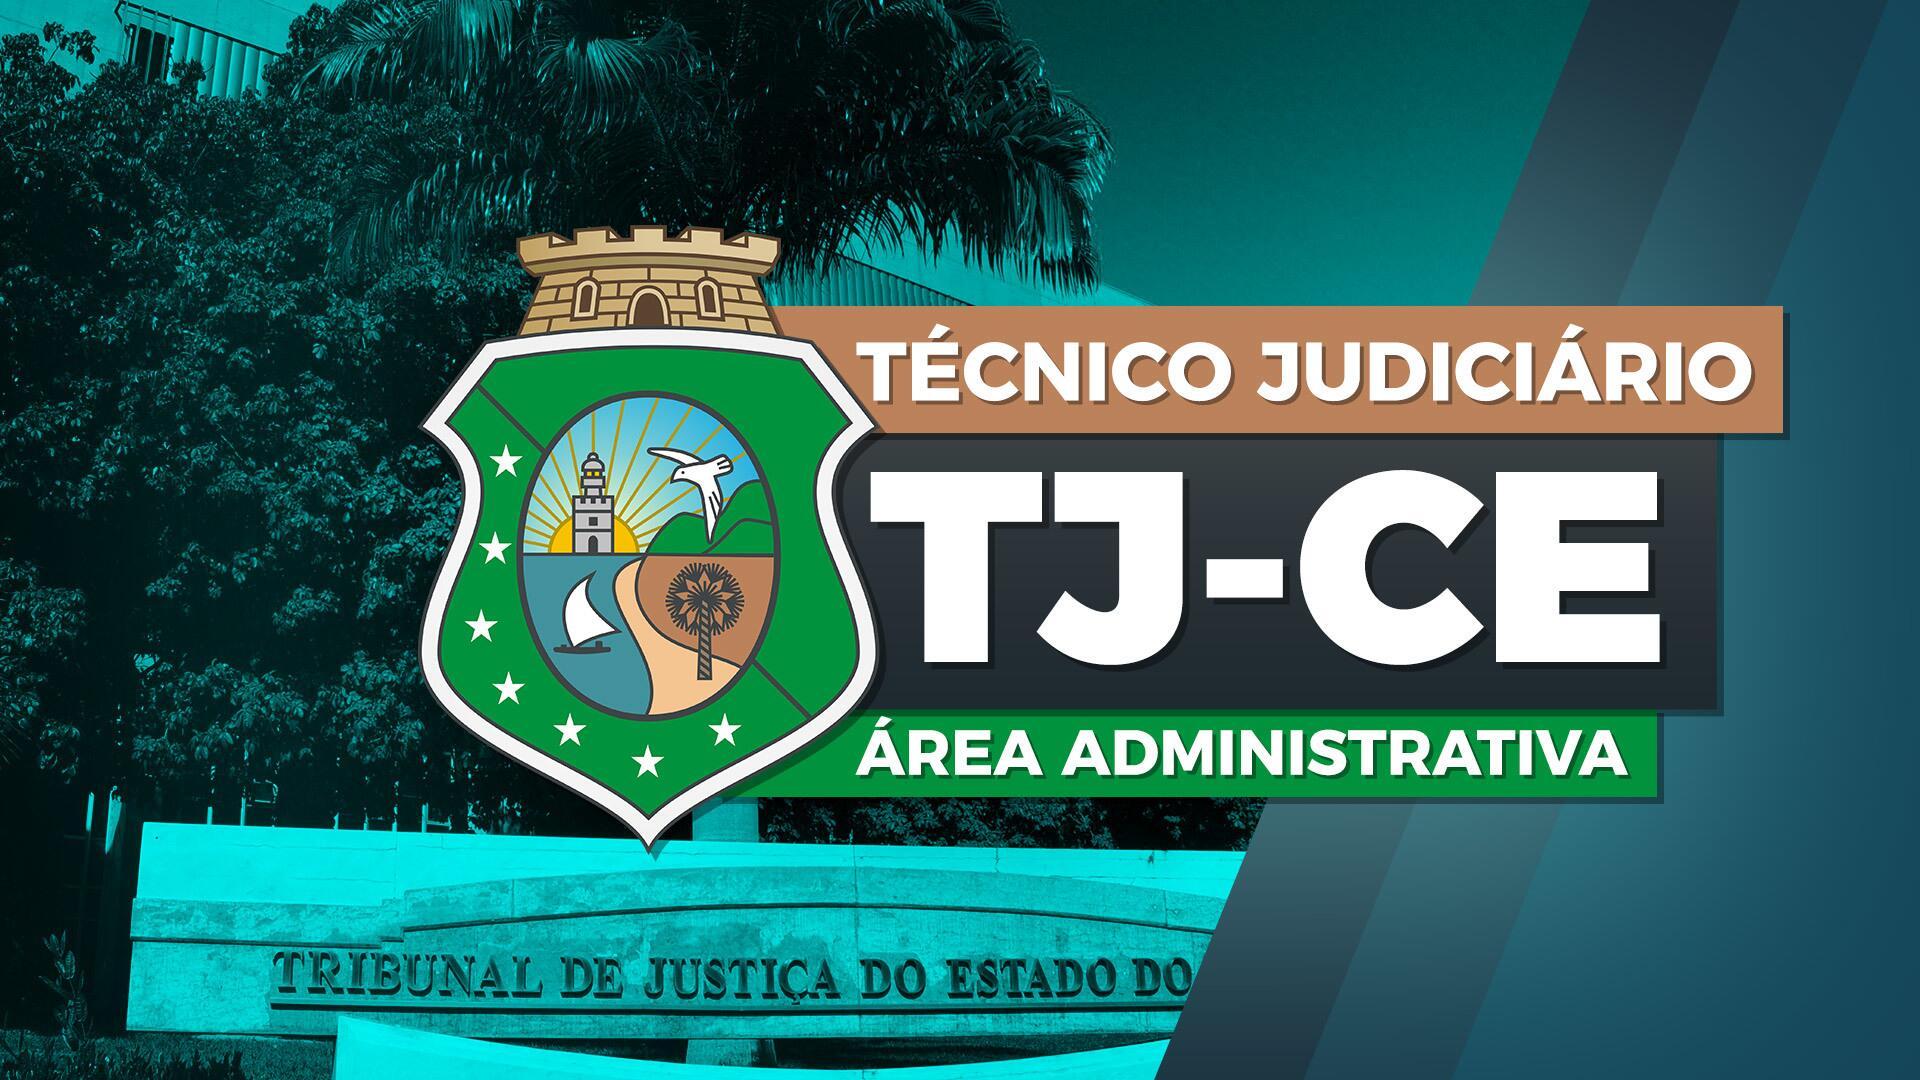 Técnico Judiciário da Área Administrativa do Tribunal de Justiça do Ceará TJ CE